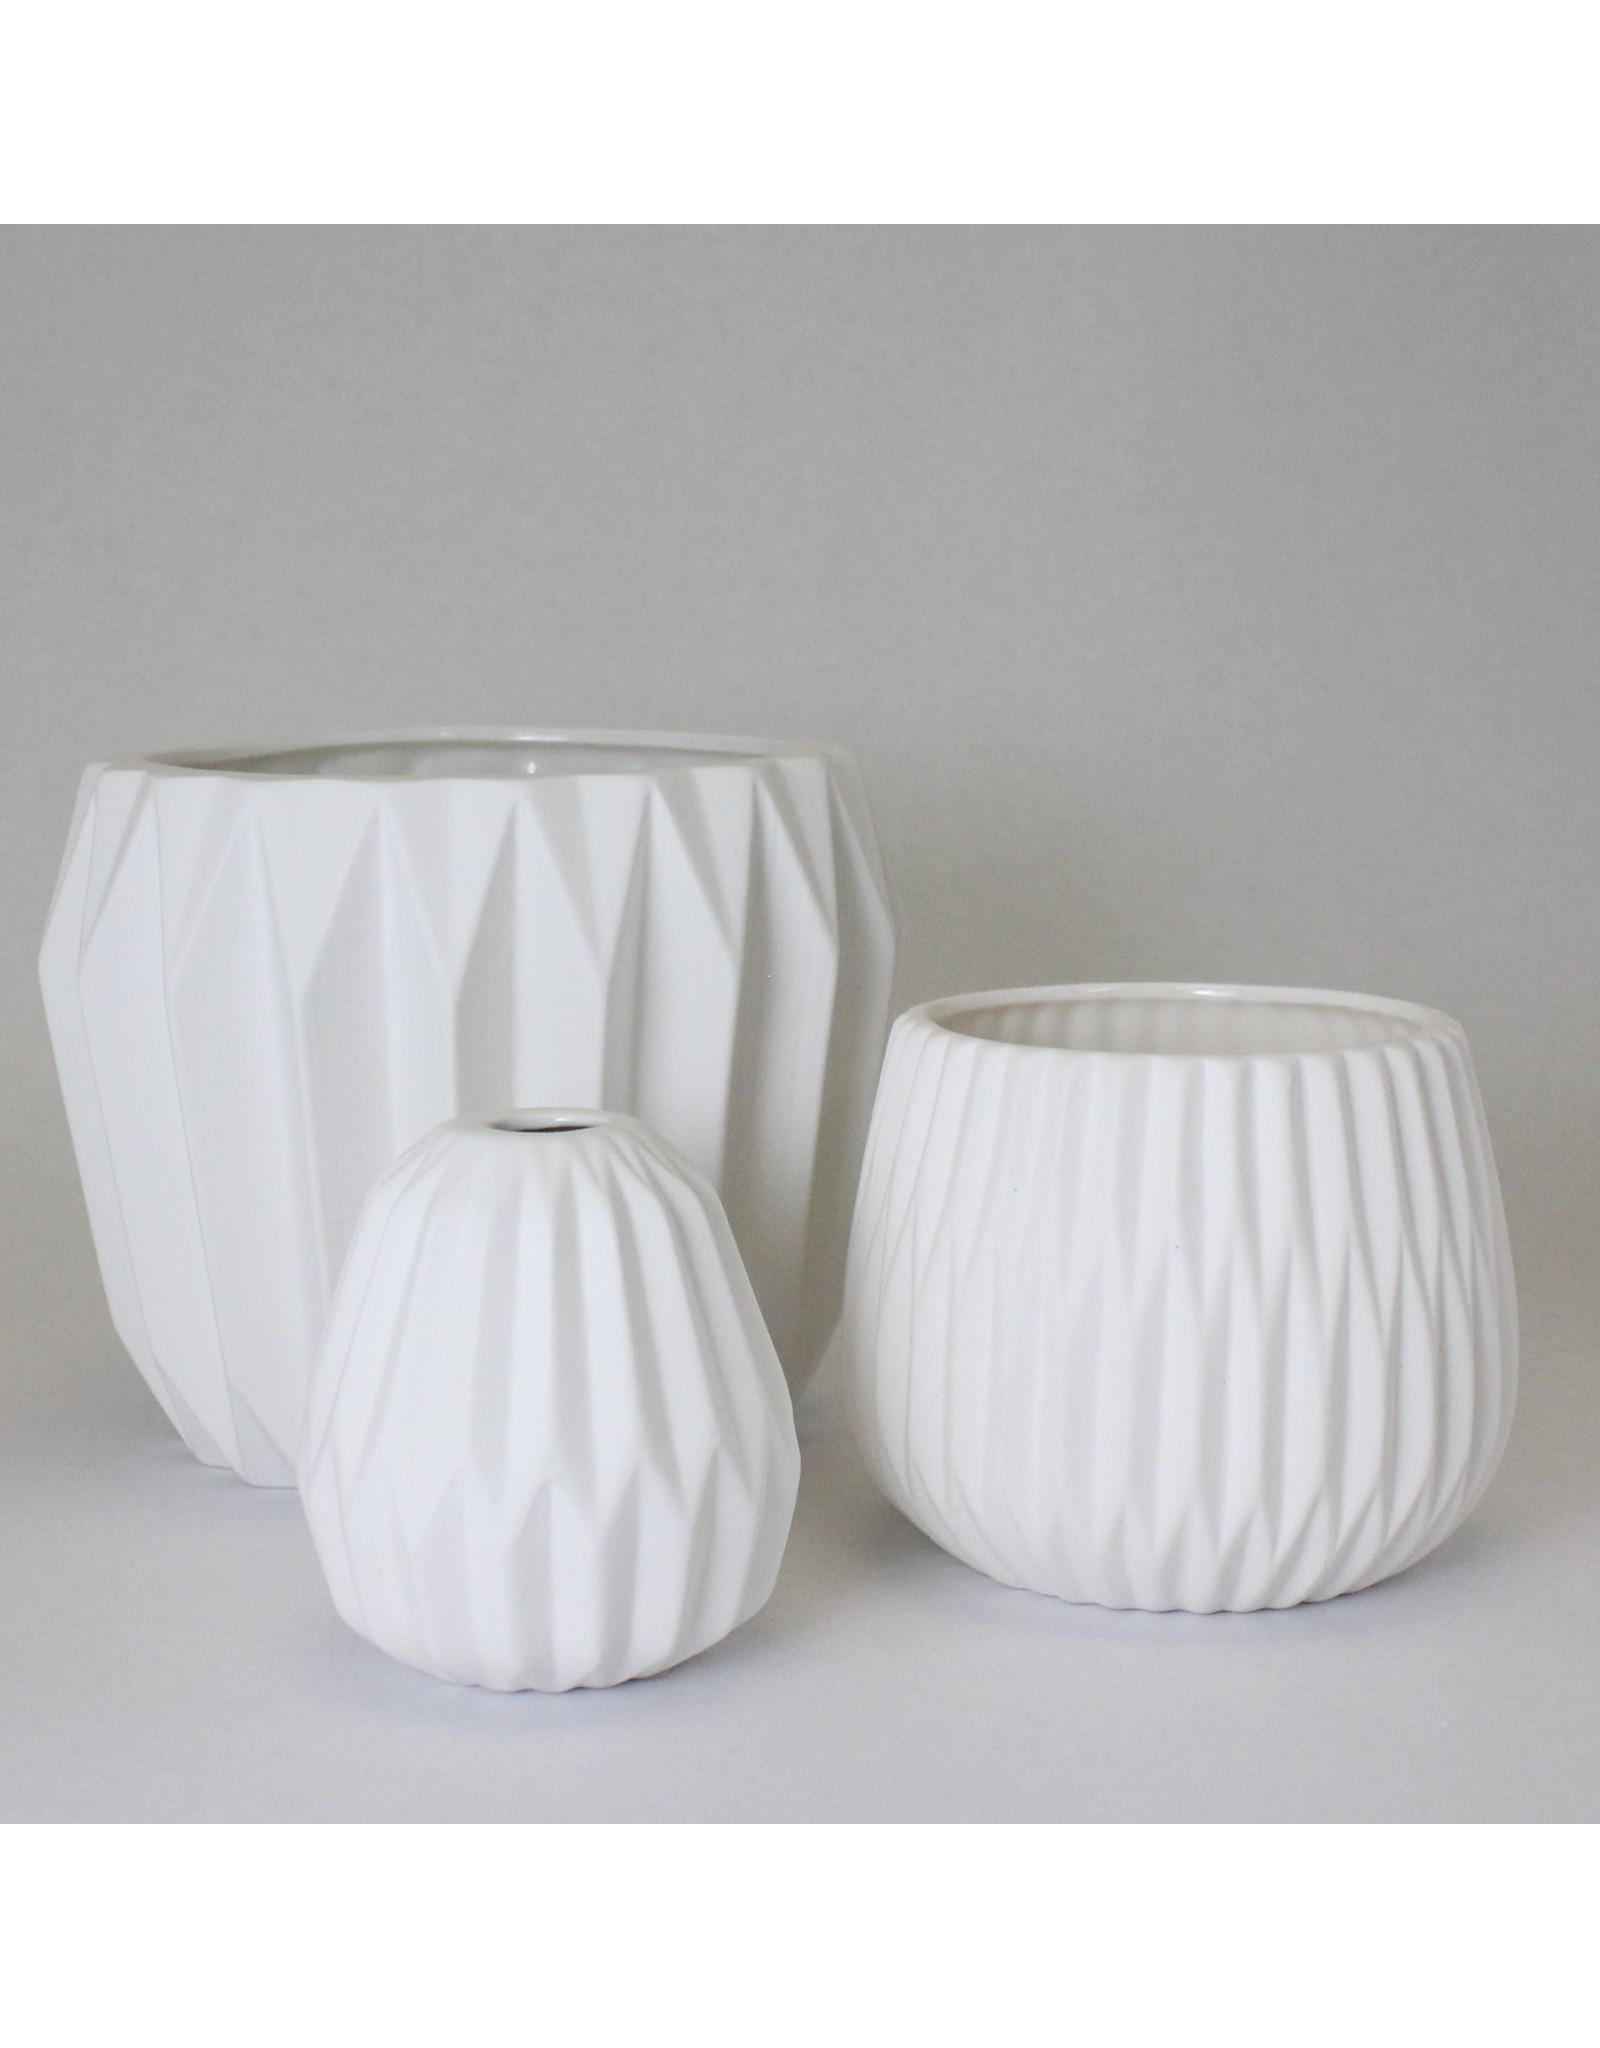 White Stoneware Fluted Vase